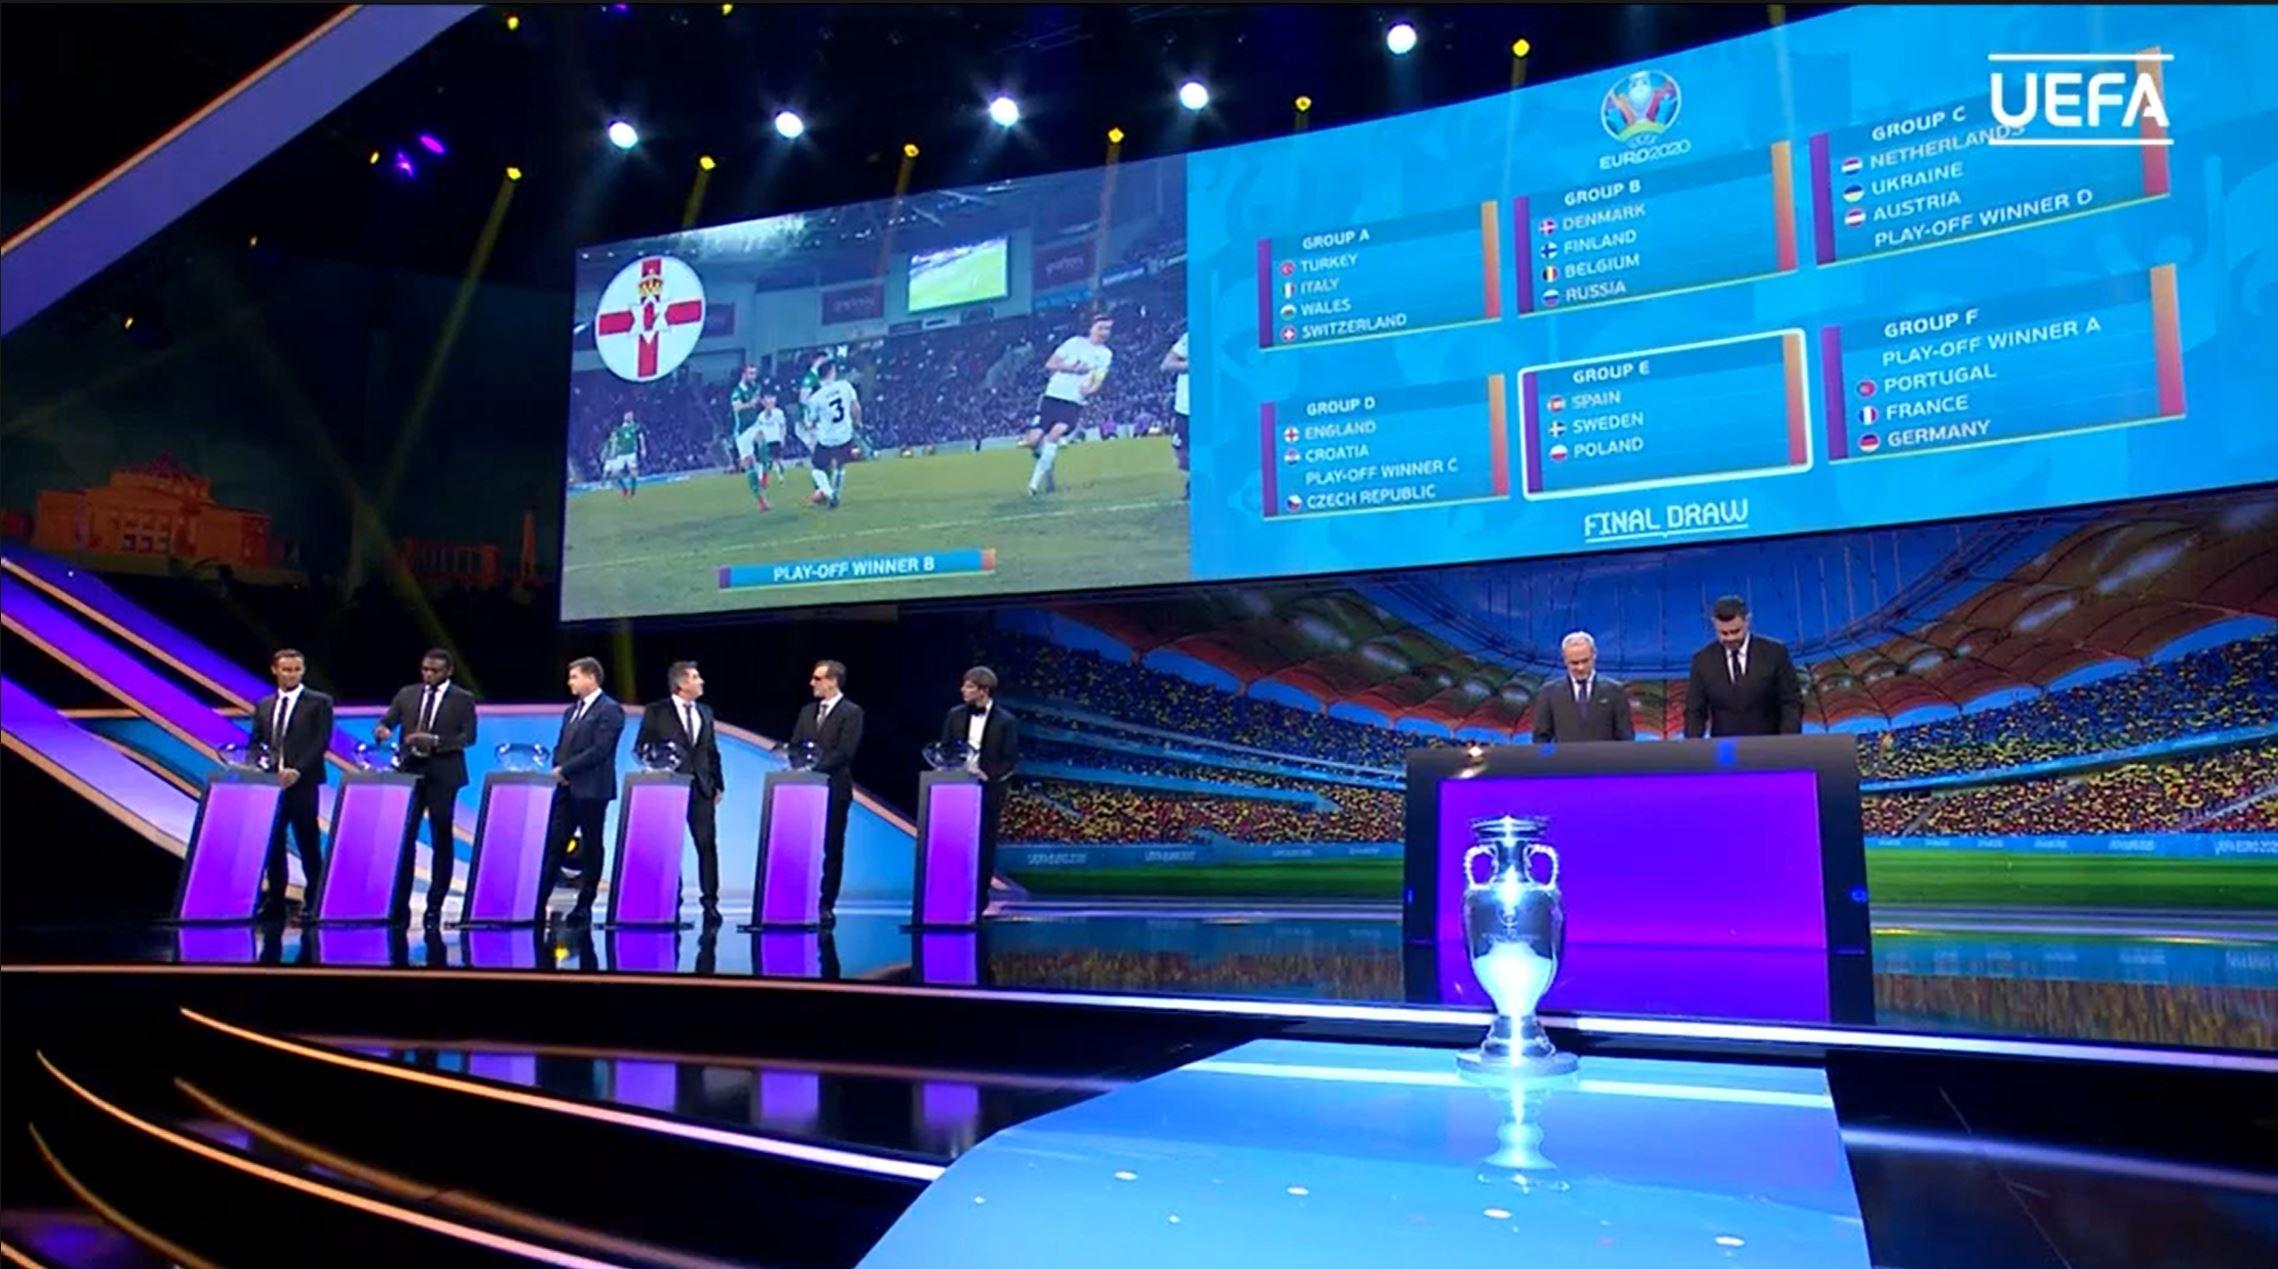 """UEFA a definitivat grupele EURO 2020. Care este """"grupa morții"""" și în ce grupă vor evolua Ucraina și, dacă se califică, România"""